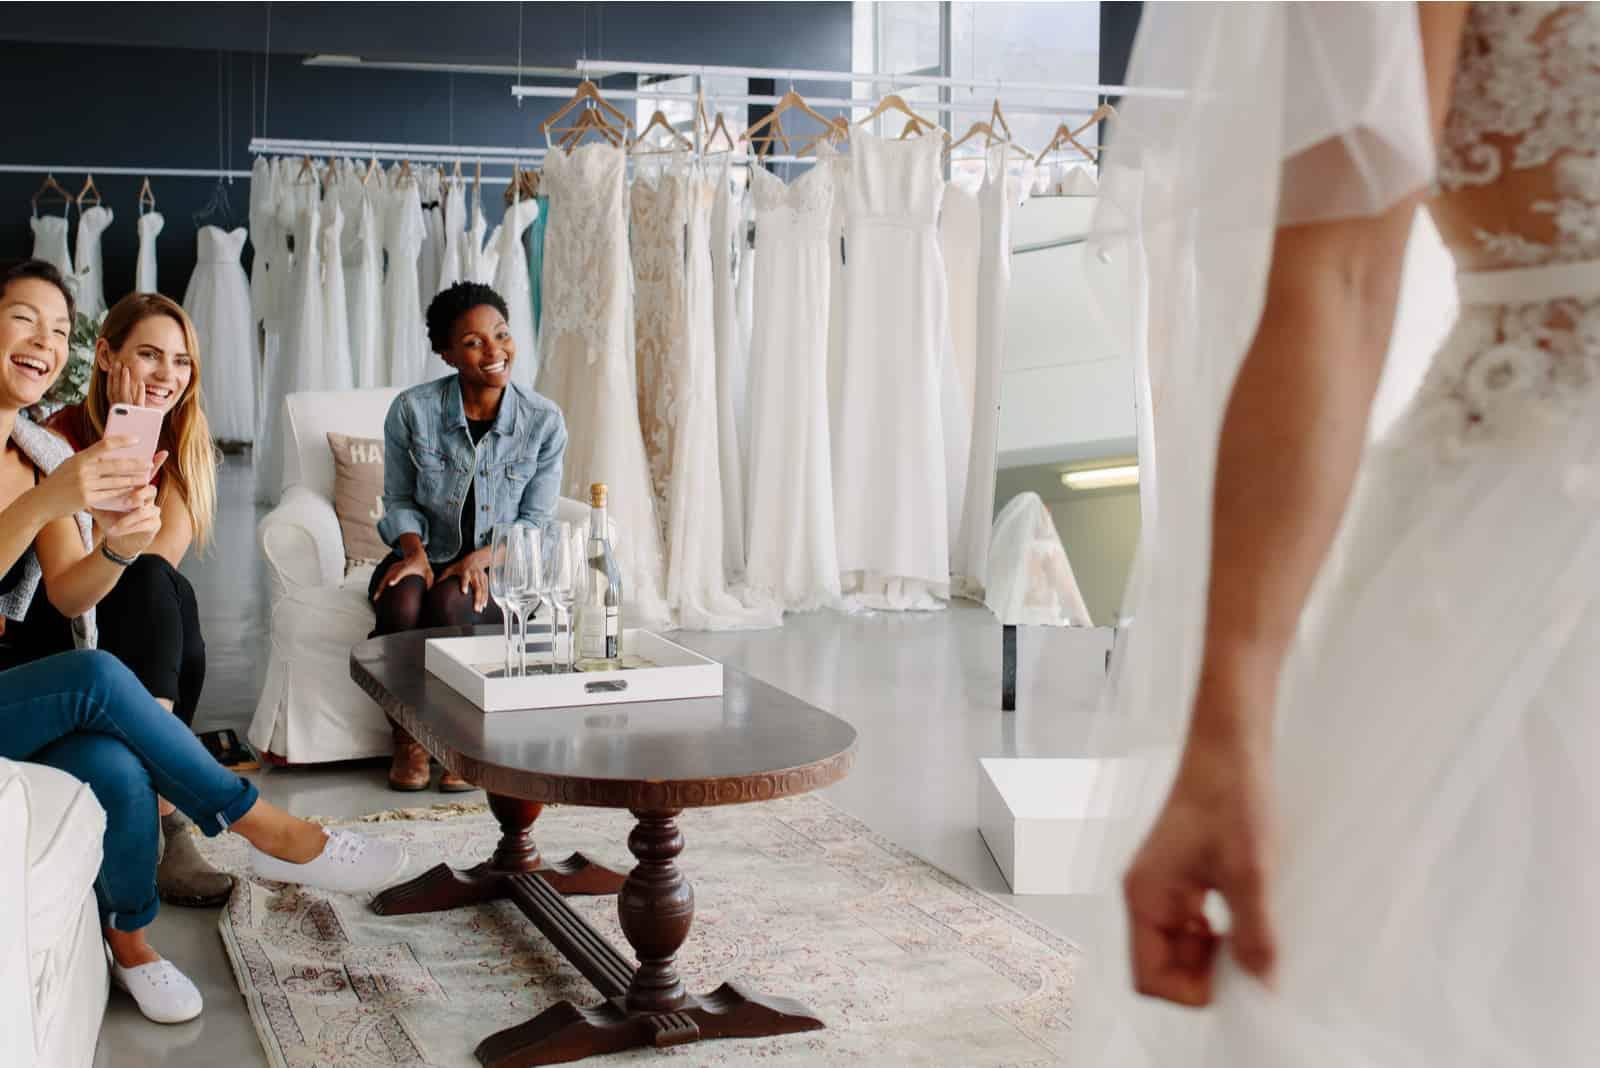 Die Braut und ihre Freunde wählen ein Hochzeitskleid